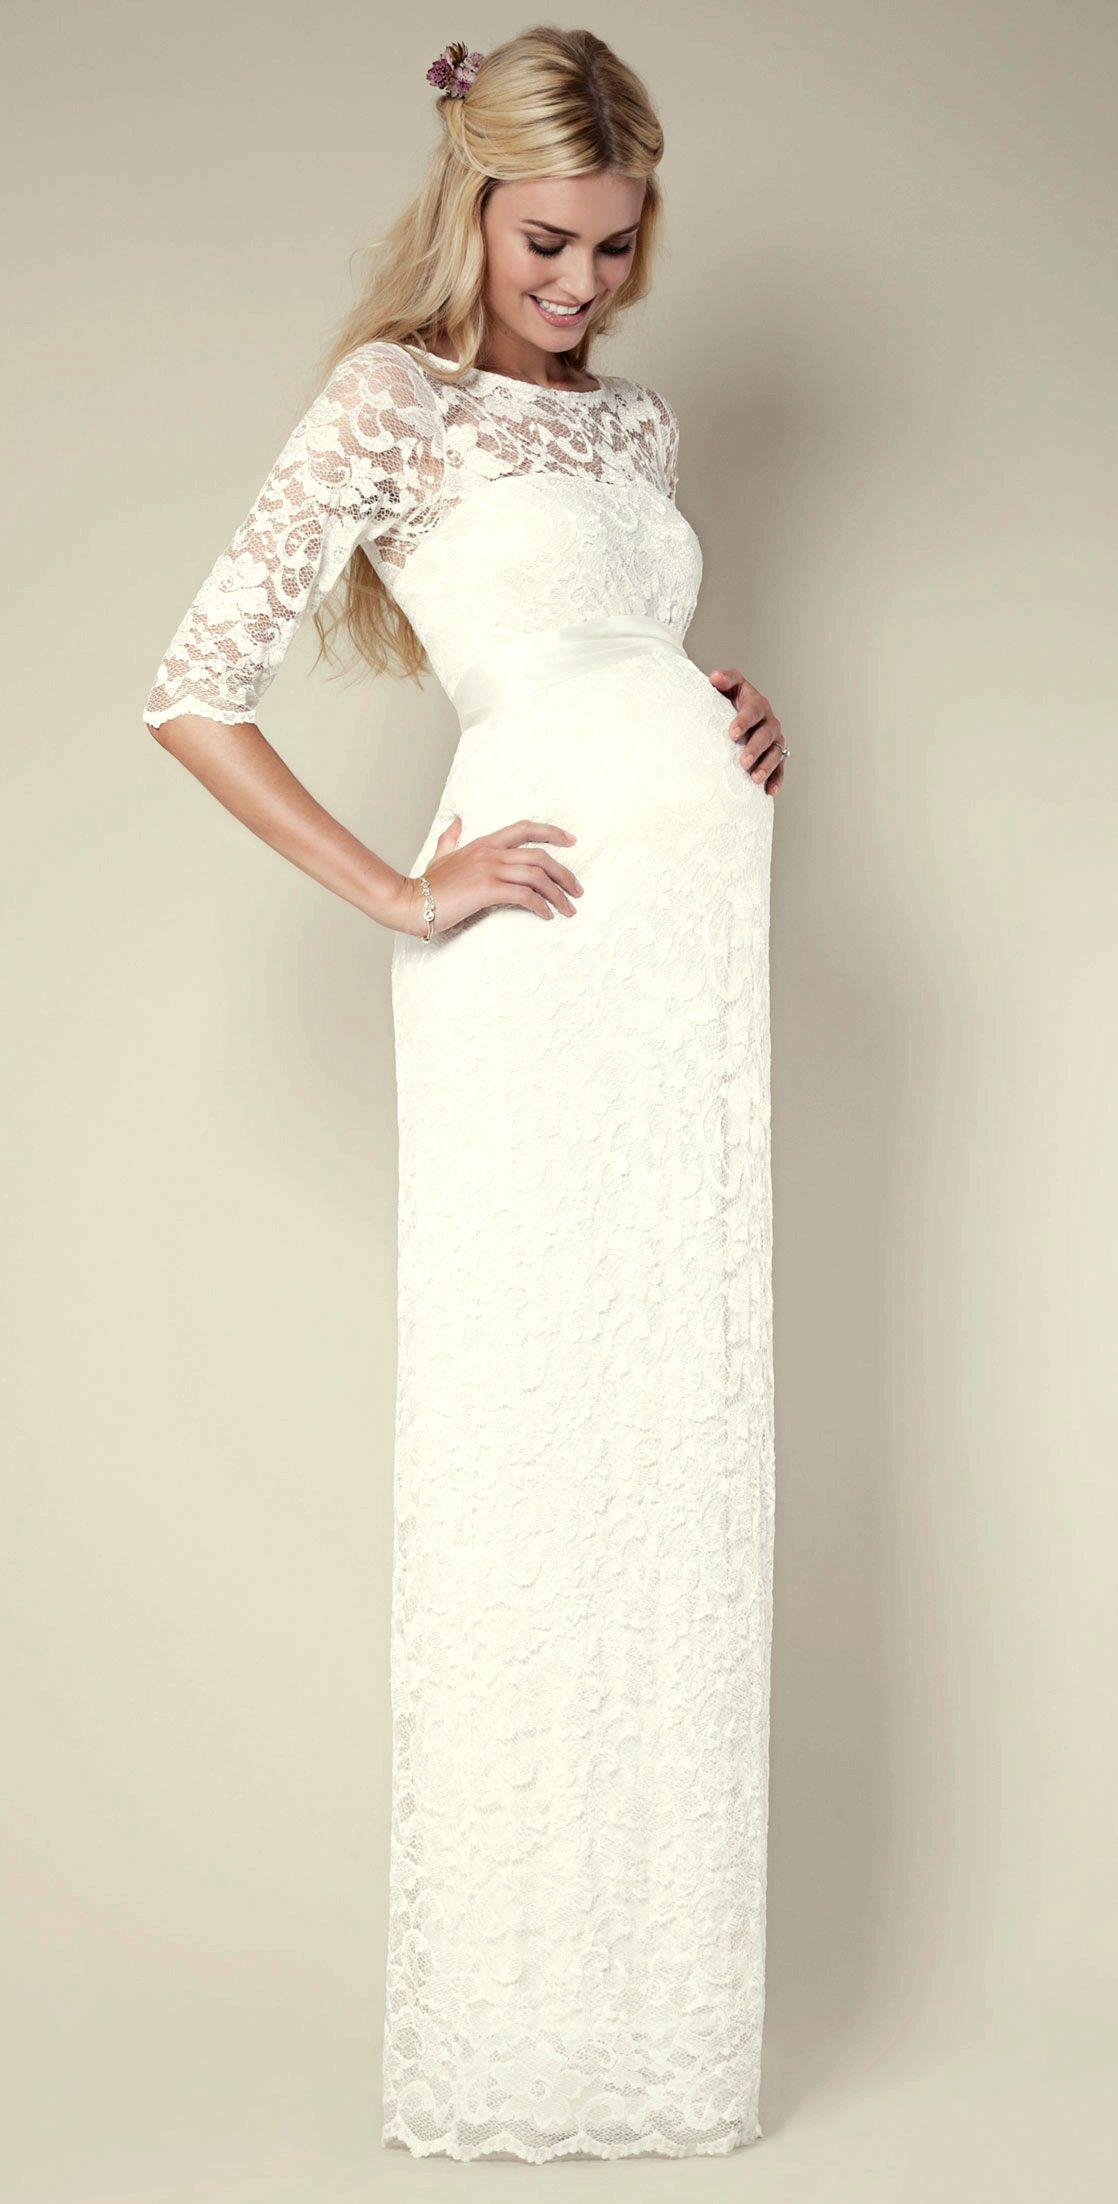 Precioso vestido para una novia con pancita!   clothesssssss <3 ...